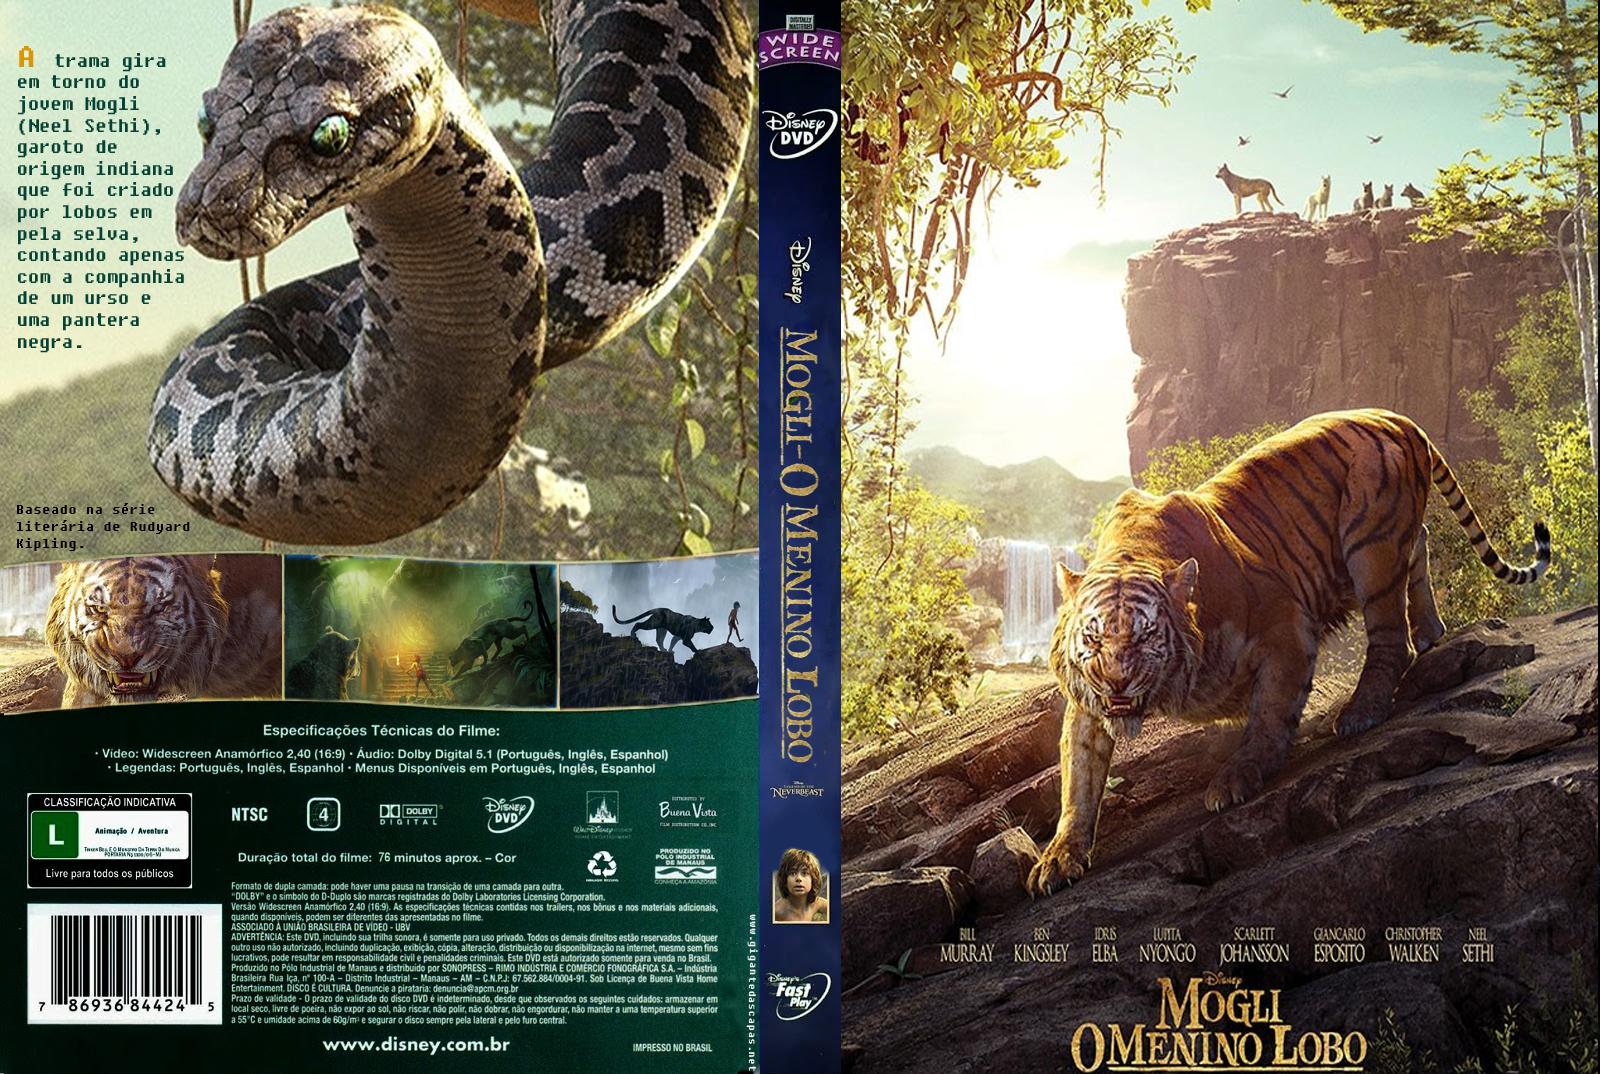 Mogli O Menino Lobo DVD-R Oficial Mogli 2B 2BO 2BMenino 2BLobo 2B